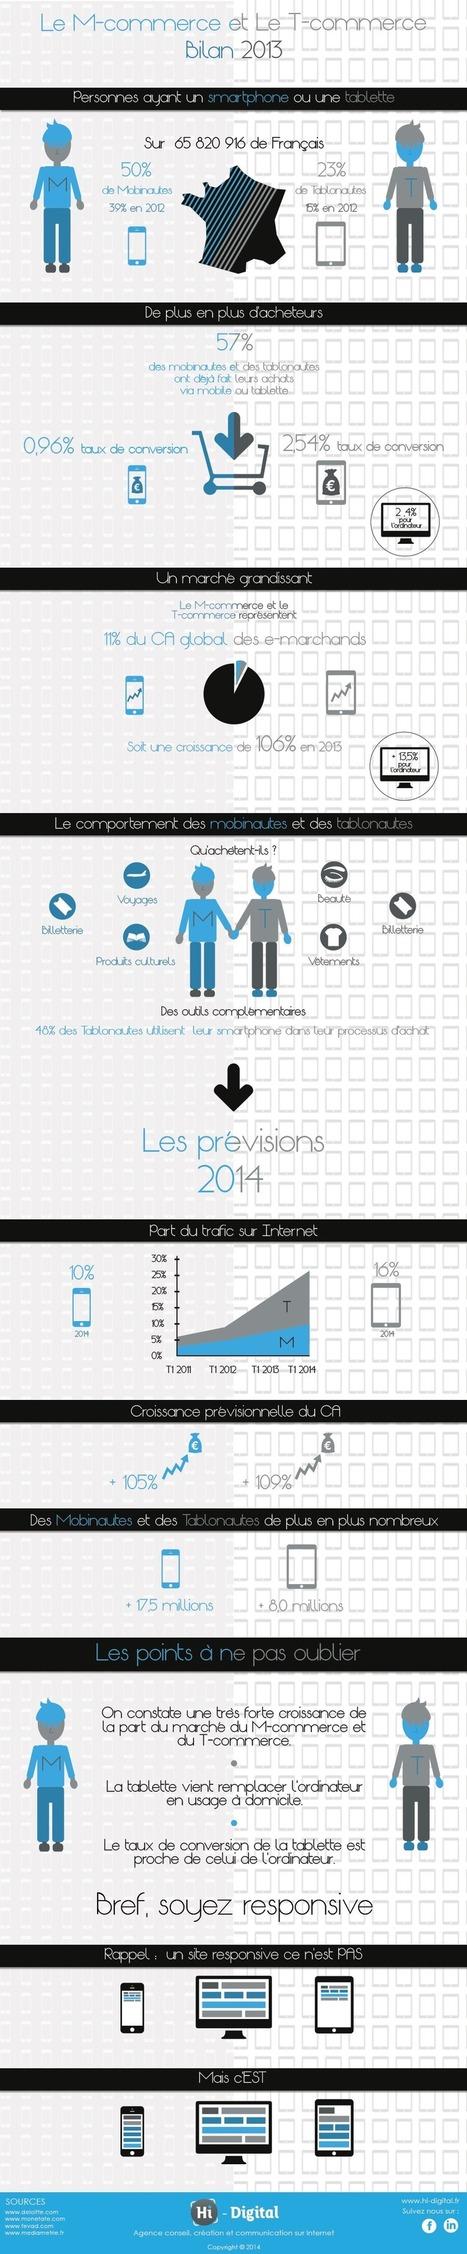 Infographie : le e-commerce sur tablette en hausse de 106% ! - Tablette-Tactile.net | Distribution automobile | Scoop.it